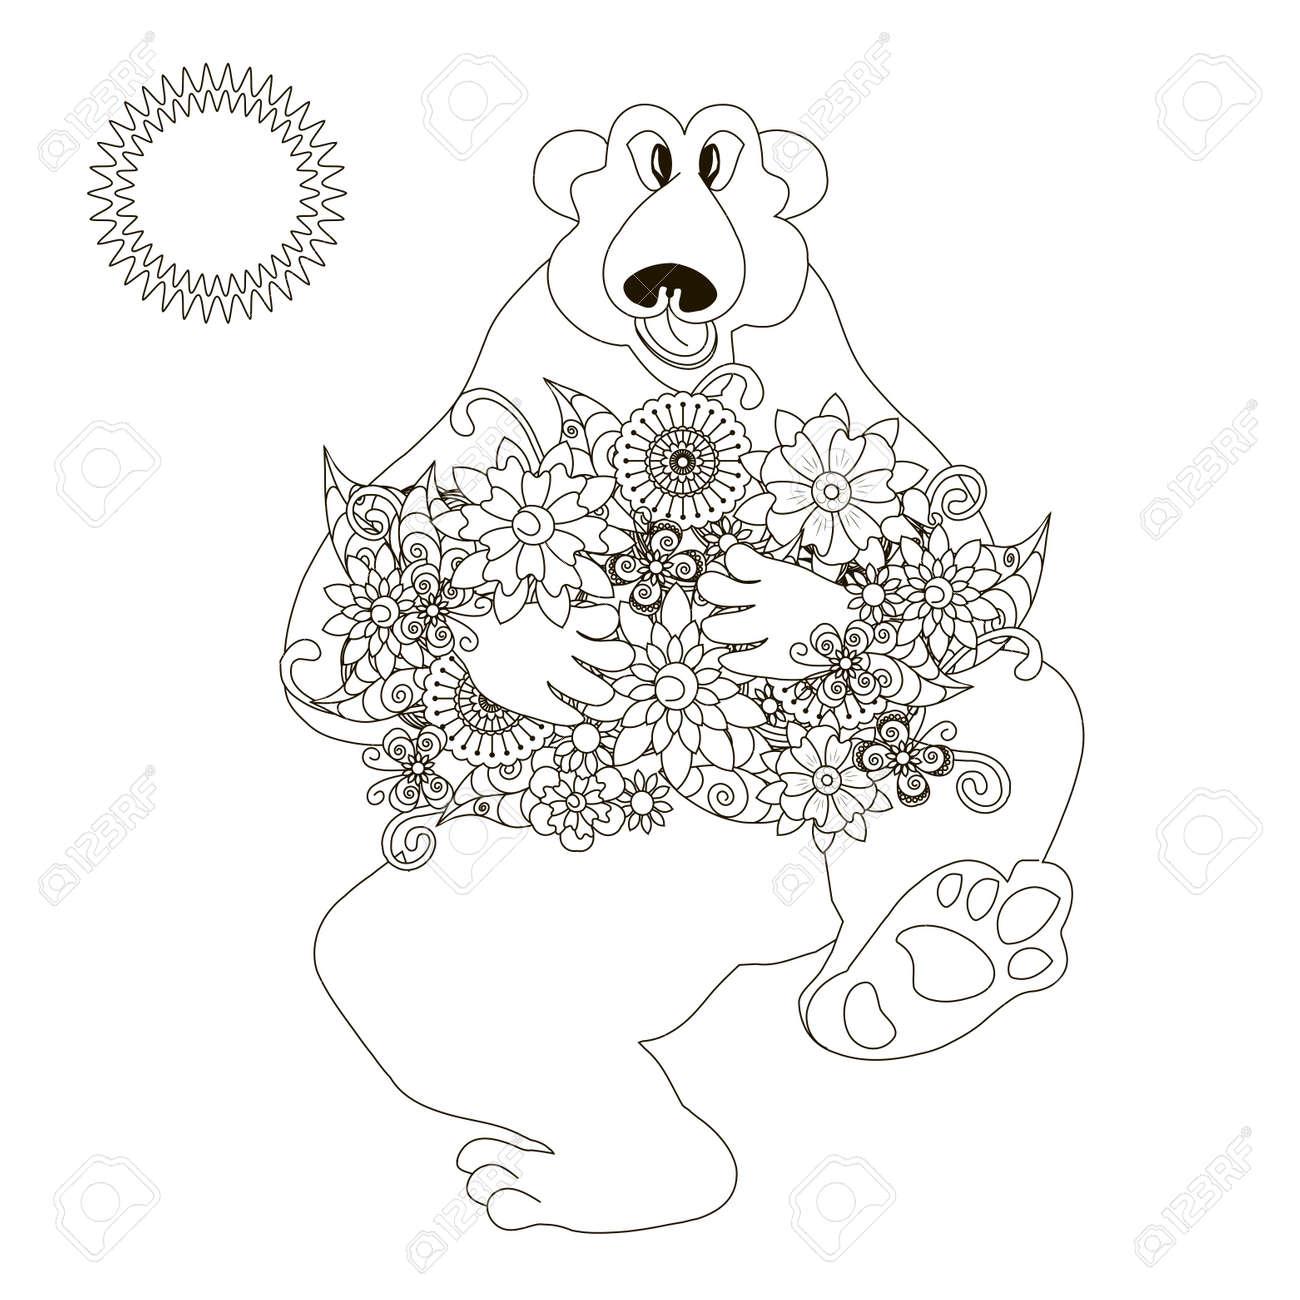 Bär Mit Blumen Malvorlage Anti-Stress Stock Vektor-Illustration ...